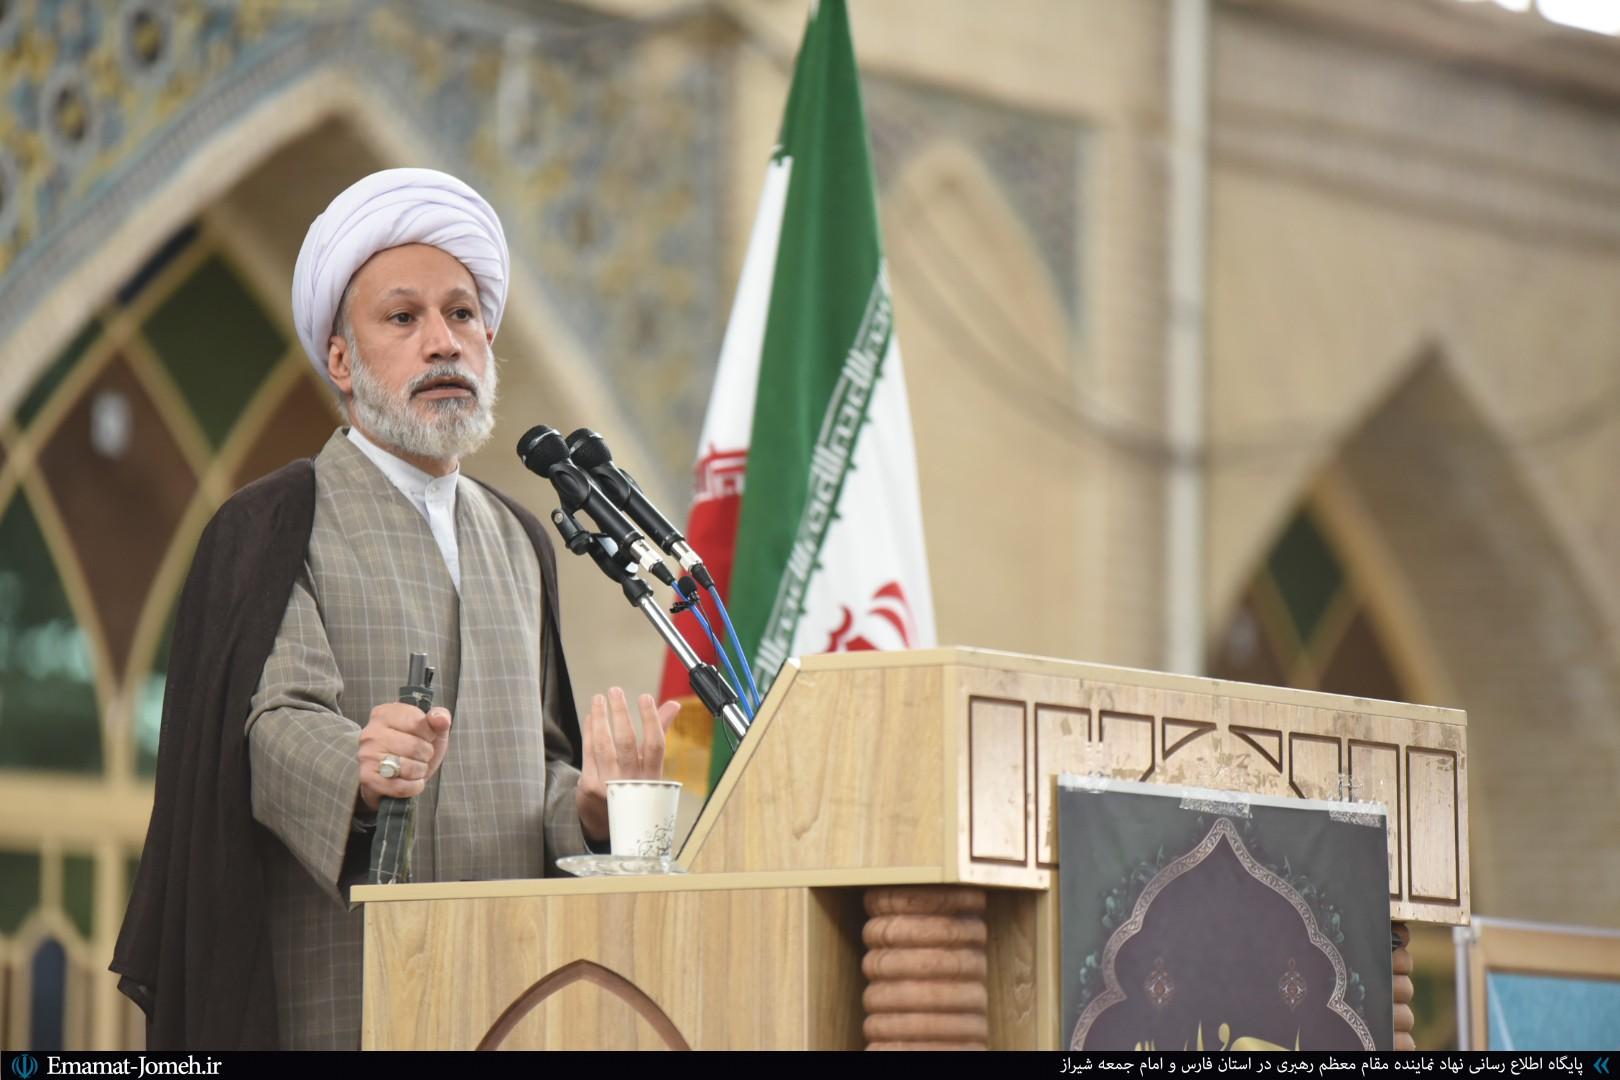 صوت نماز جمعه ۱۴ خرداد ۱۴۰۰ شیراز